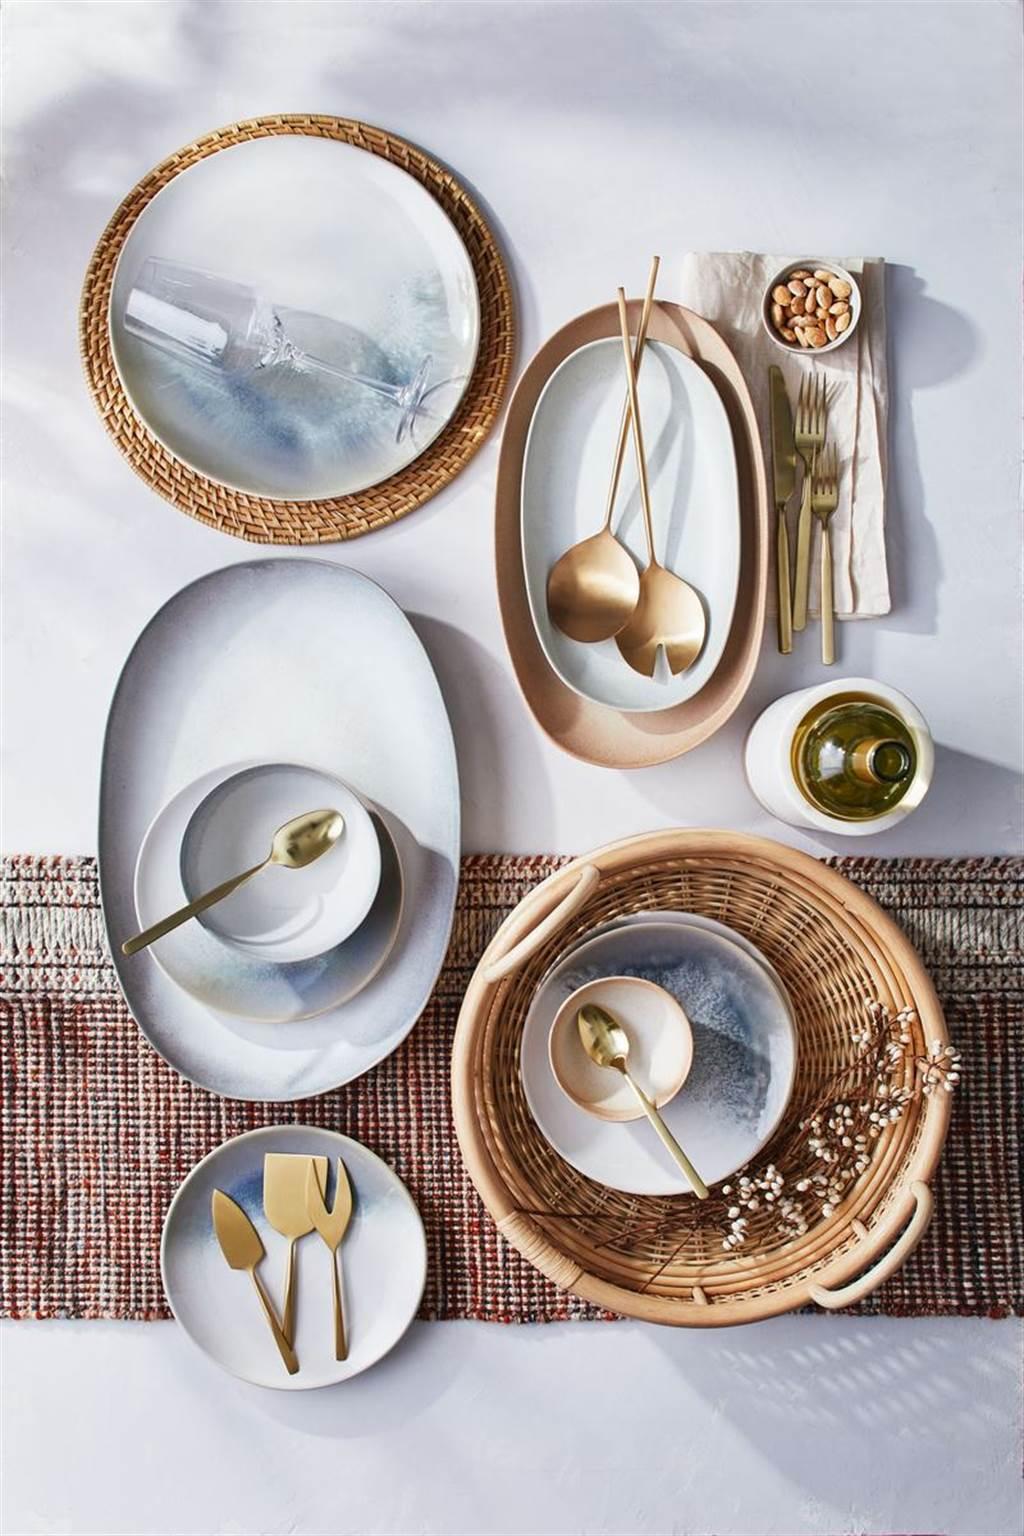 ▲以奶油色、橙色、灰色和淺灰色的釉料製成的餐具組,並向碗盤邊緣逐漸加深,增添了手工美感。(Pebble餐具。圖片提供/Crate and Barrel)